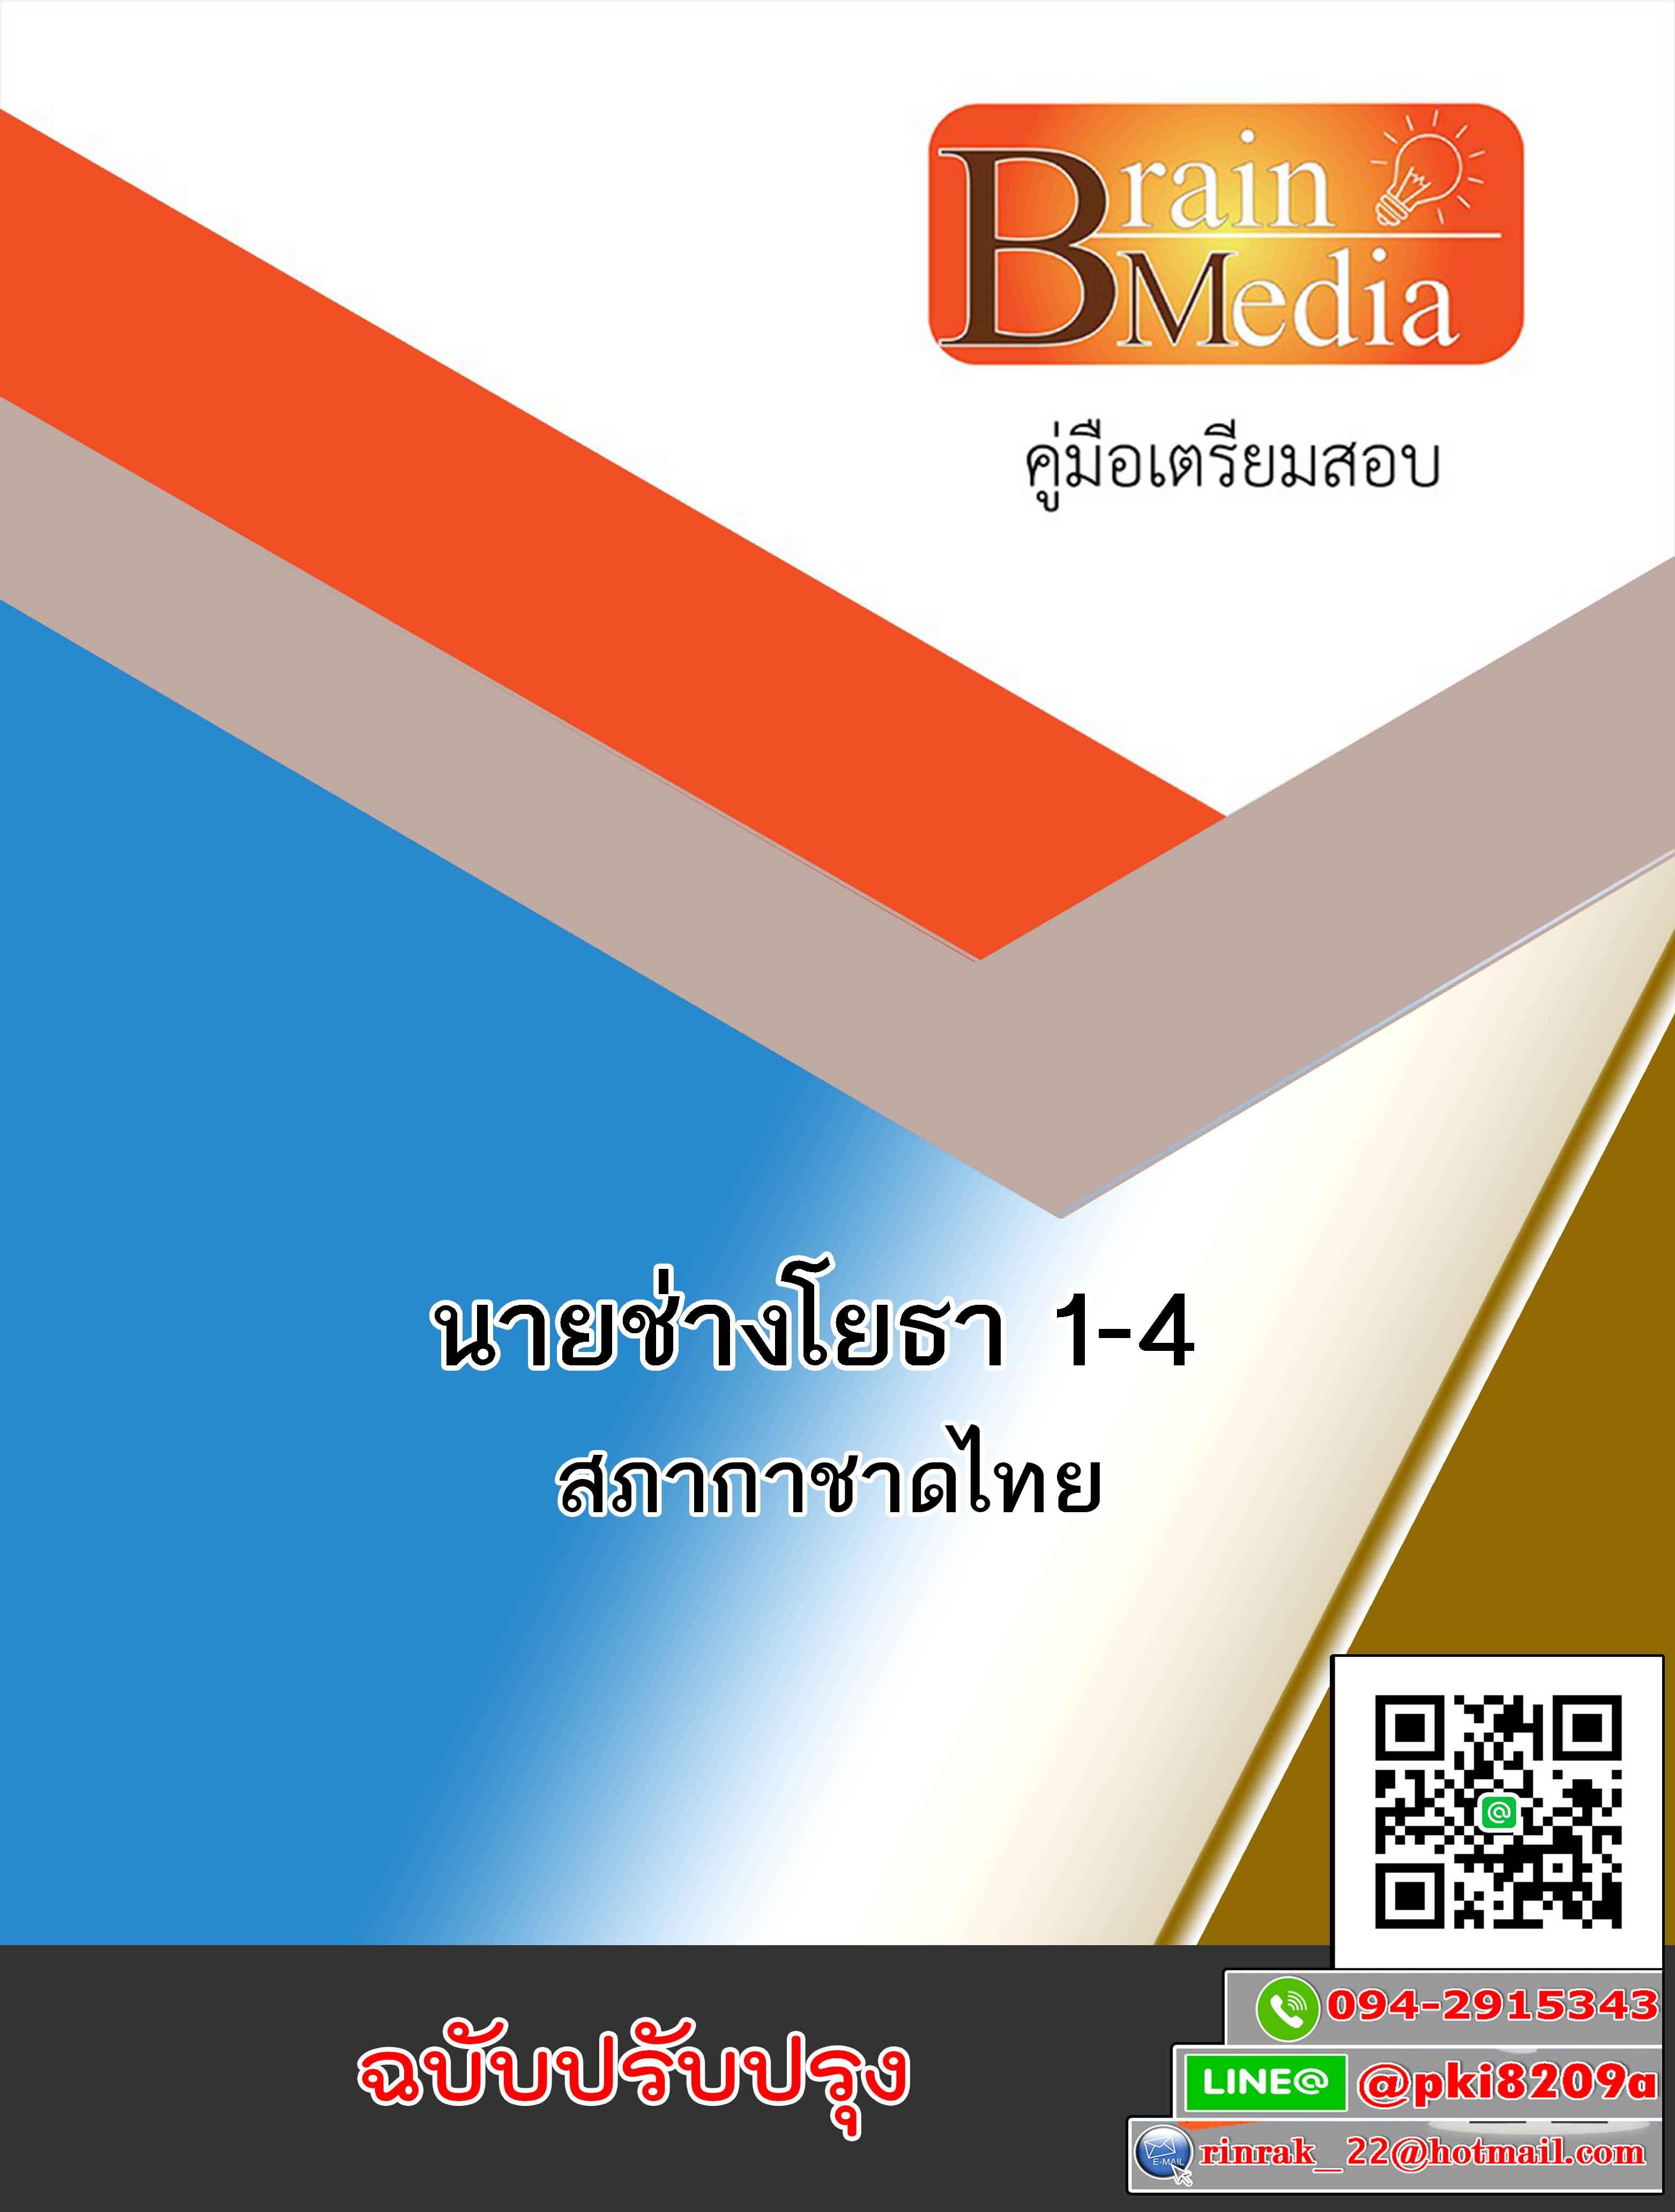 แนวข้อสอบ นายช่างโยธา 1-4 สภากาชาดไทย